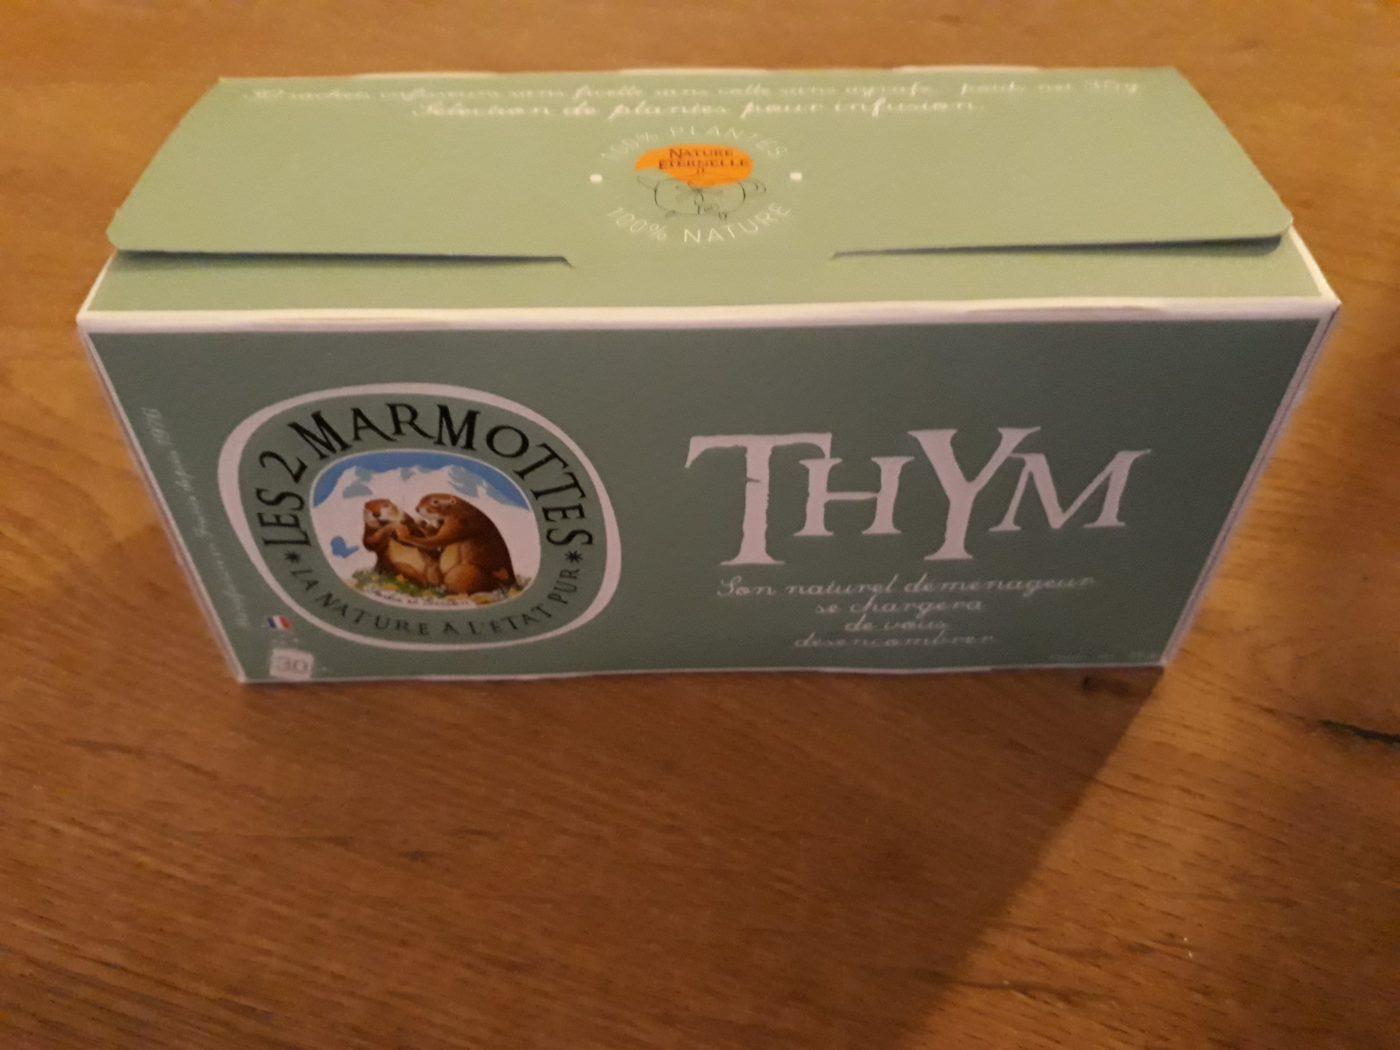 J'ai testé pour vous l' infusion thym Les 2 marmottes